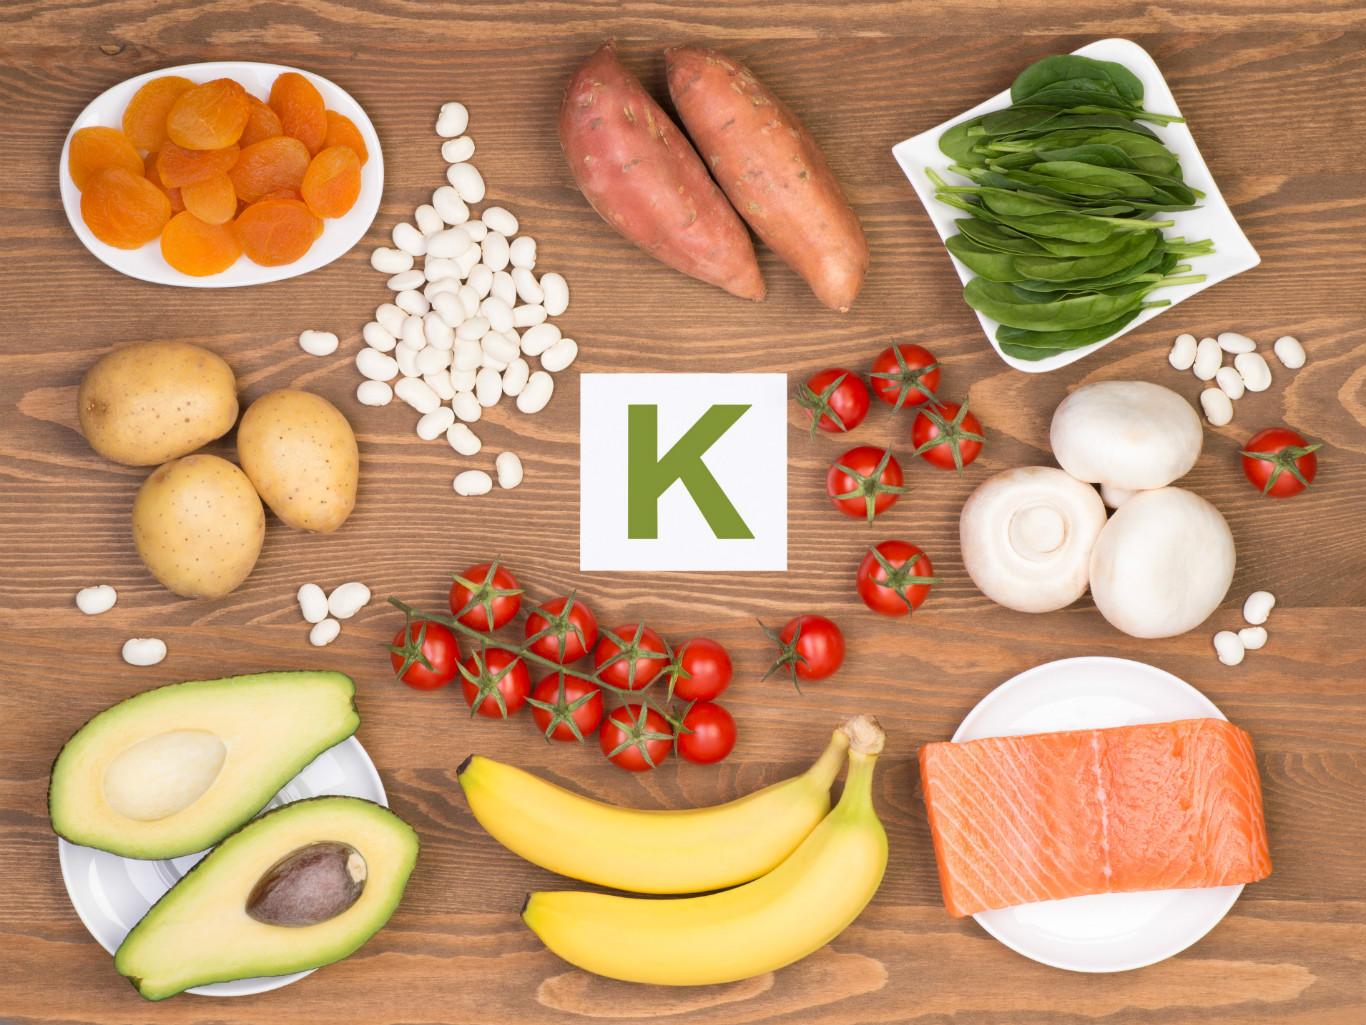 В каких продуктах содержится калий? - Правила питания - Питание ...